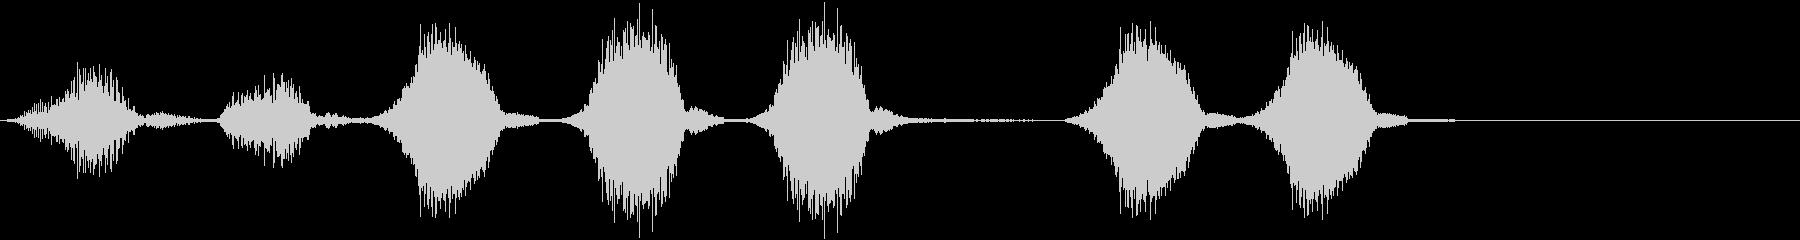 ハーモニカ:ショートミュージックア...の未再生の波形